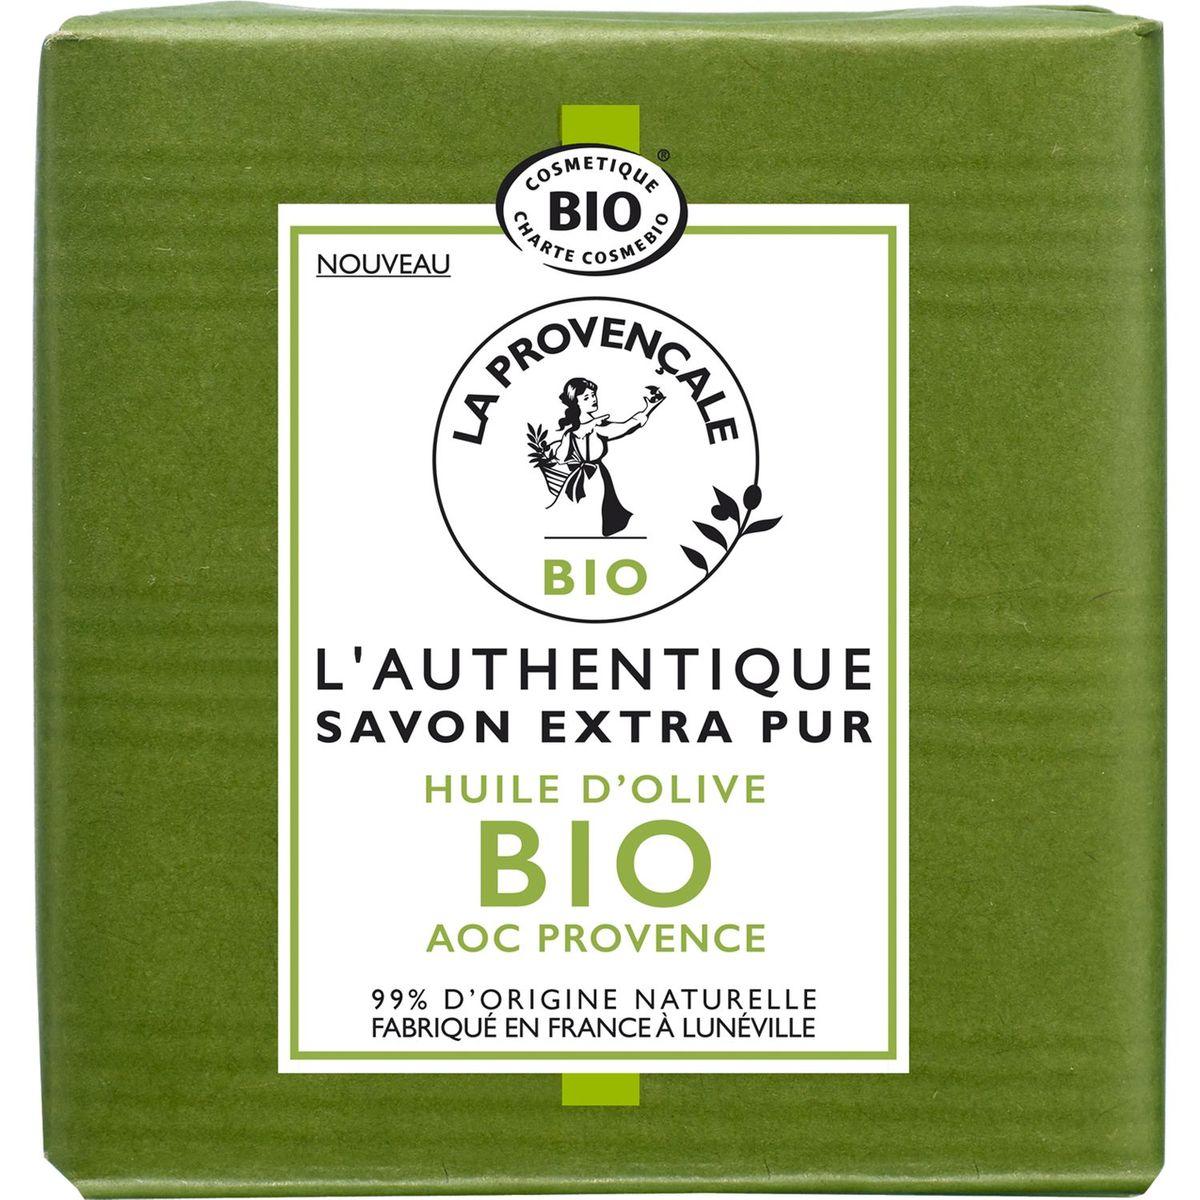 La Provençale bio authentique savon extra pur 100g